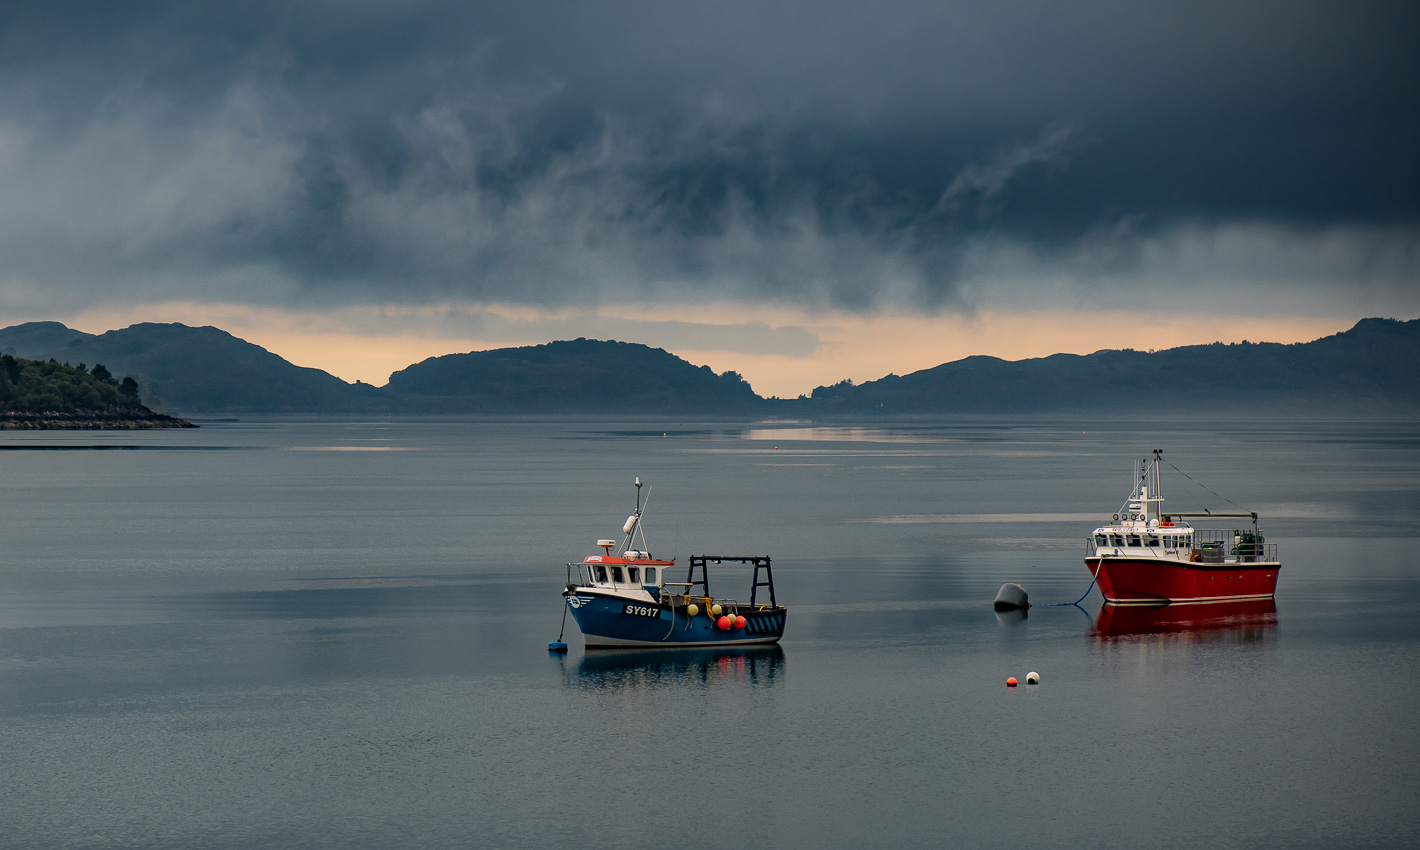 Fishing boats on Loch Torridon